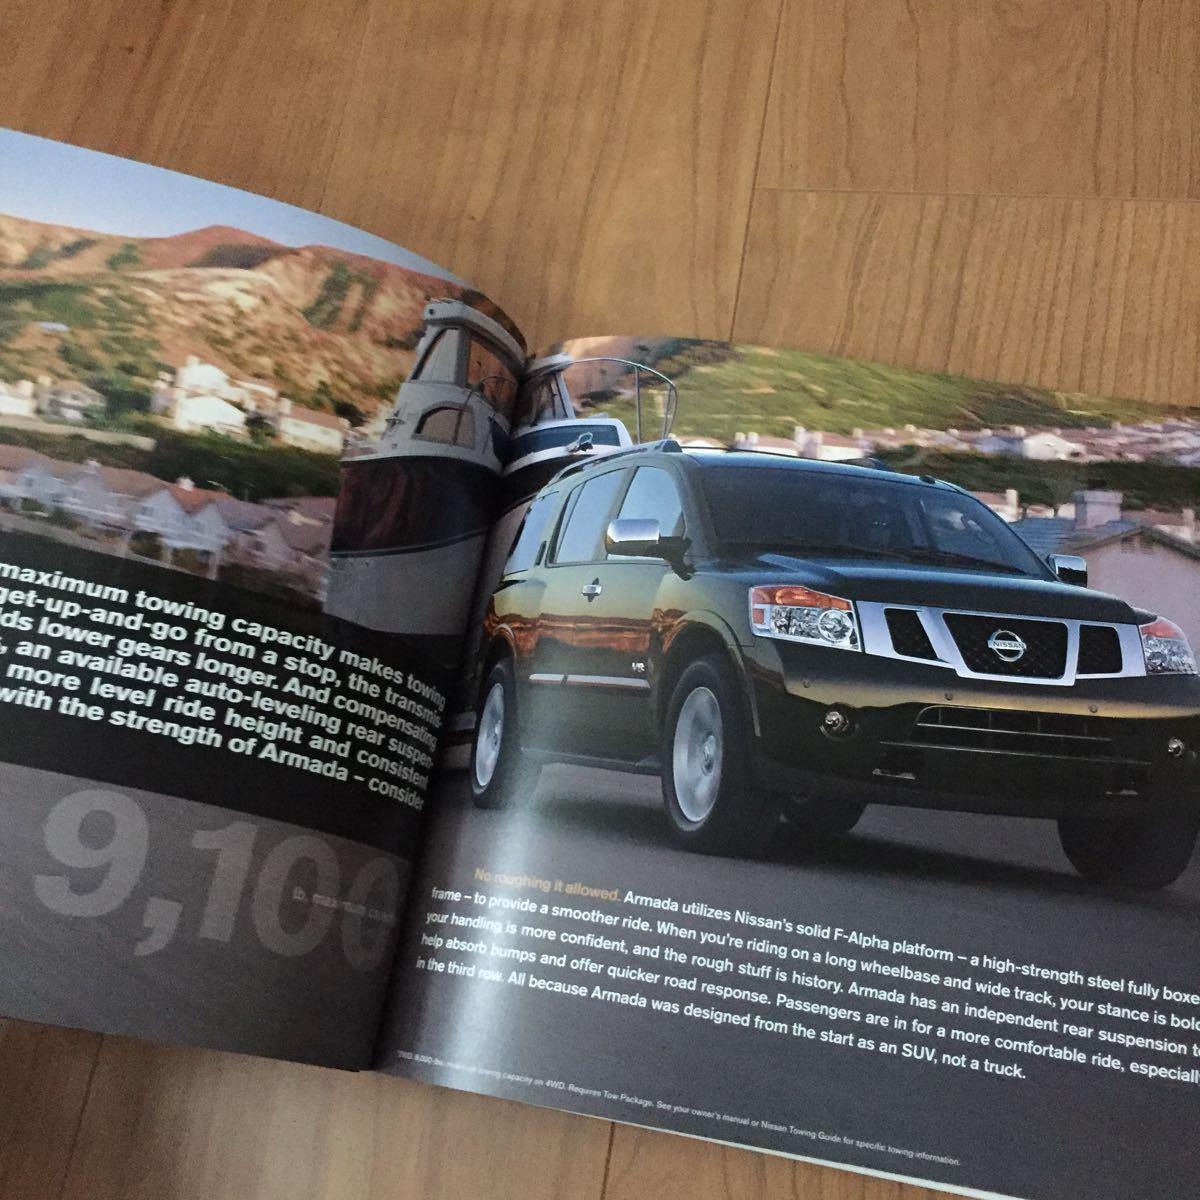 2008 日産 ニッサン アルマーダ Armada アルマダ カタログ USA アメリカ 雑貨 SUV 逆輸入 インフィニティ 広告_画像8